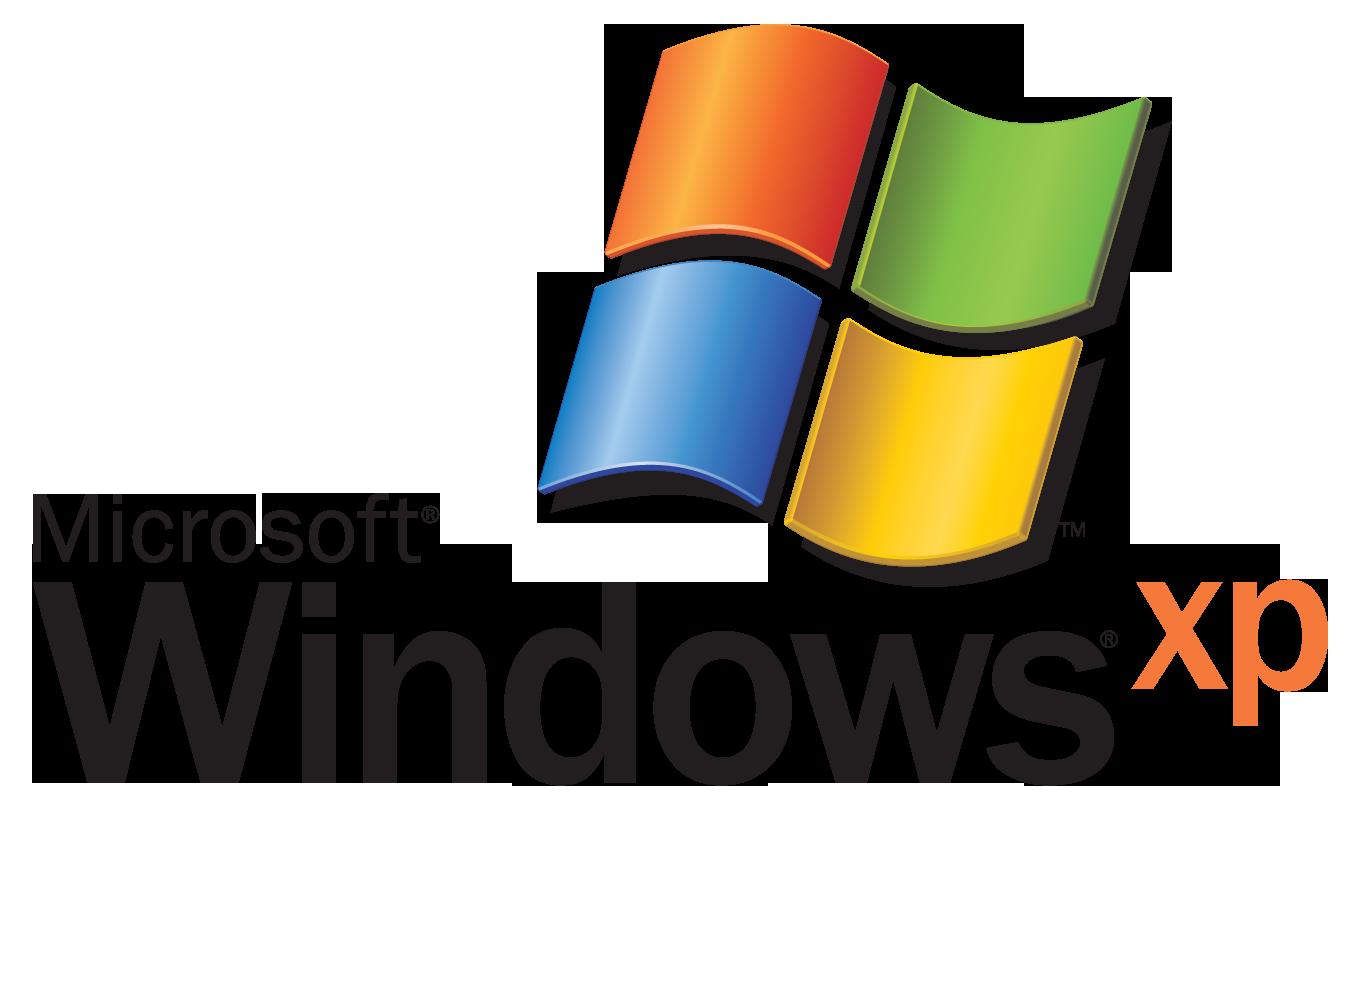 Sajtóközlemény: Már csak az eredeti Windows XP-ket támogatjuk